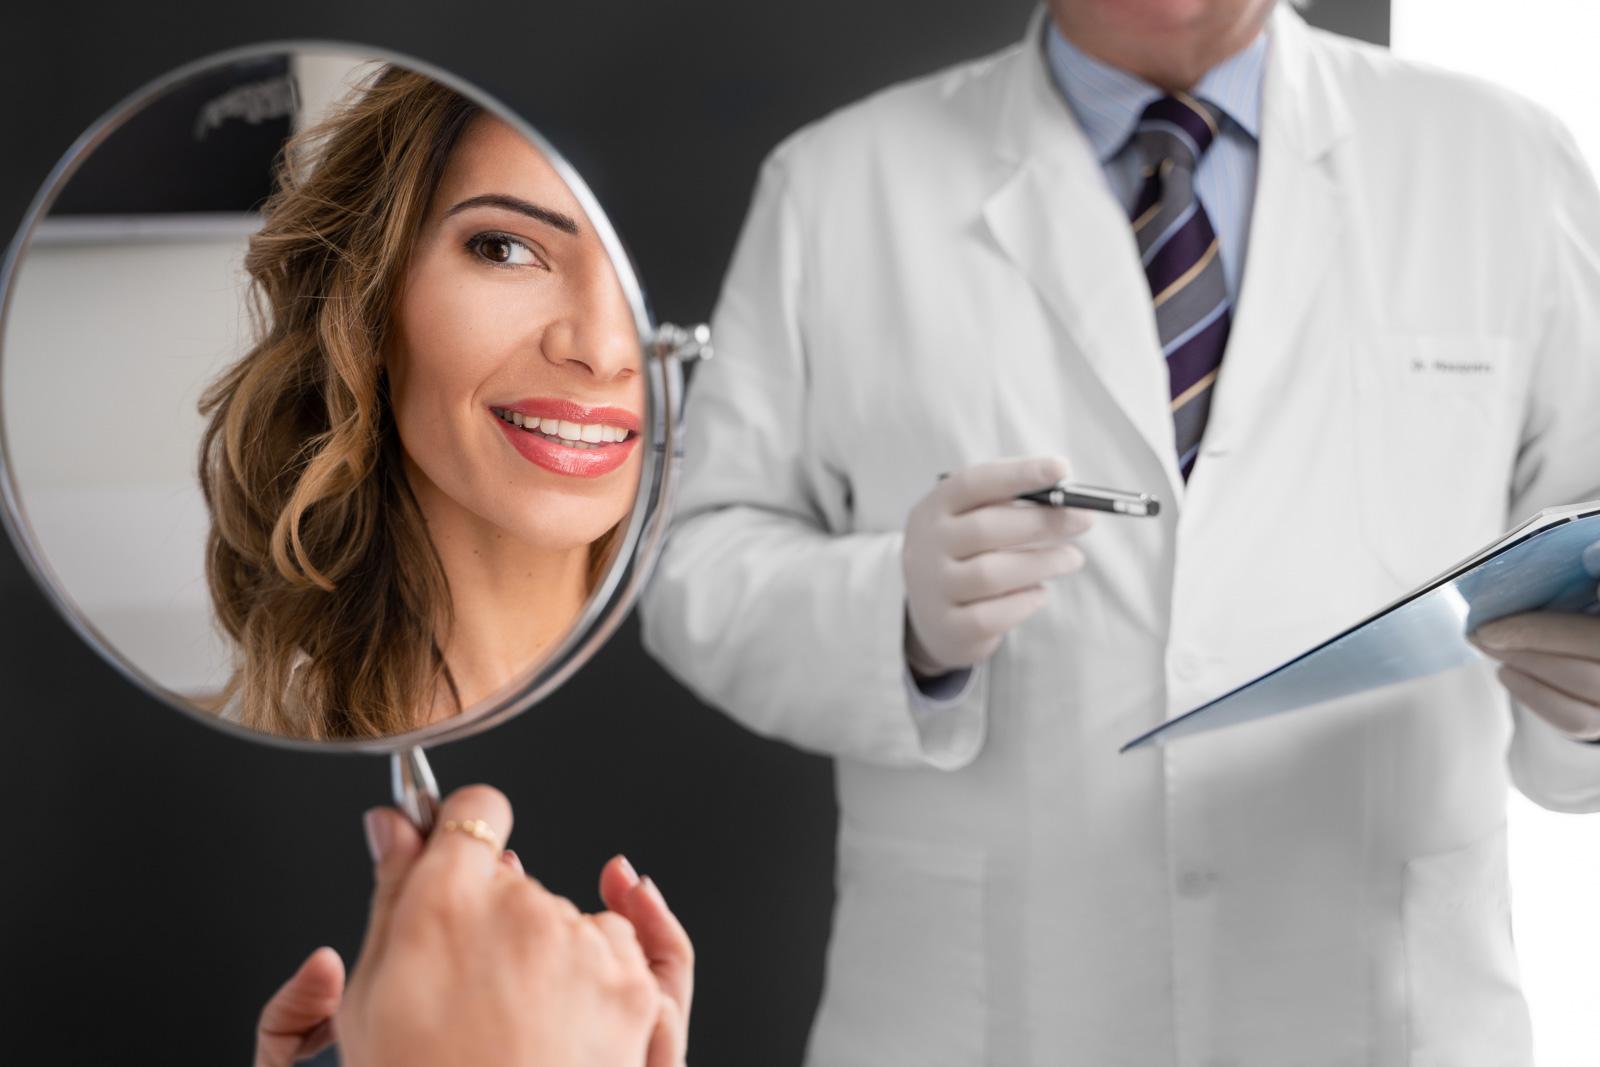 Reportaje fotográfico clínica